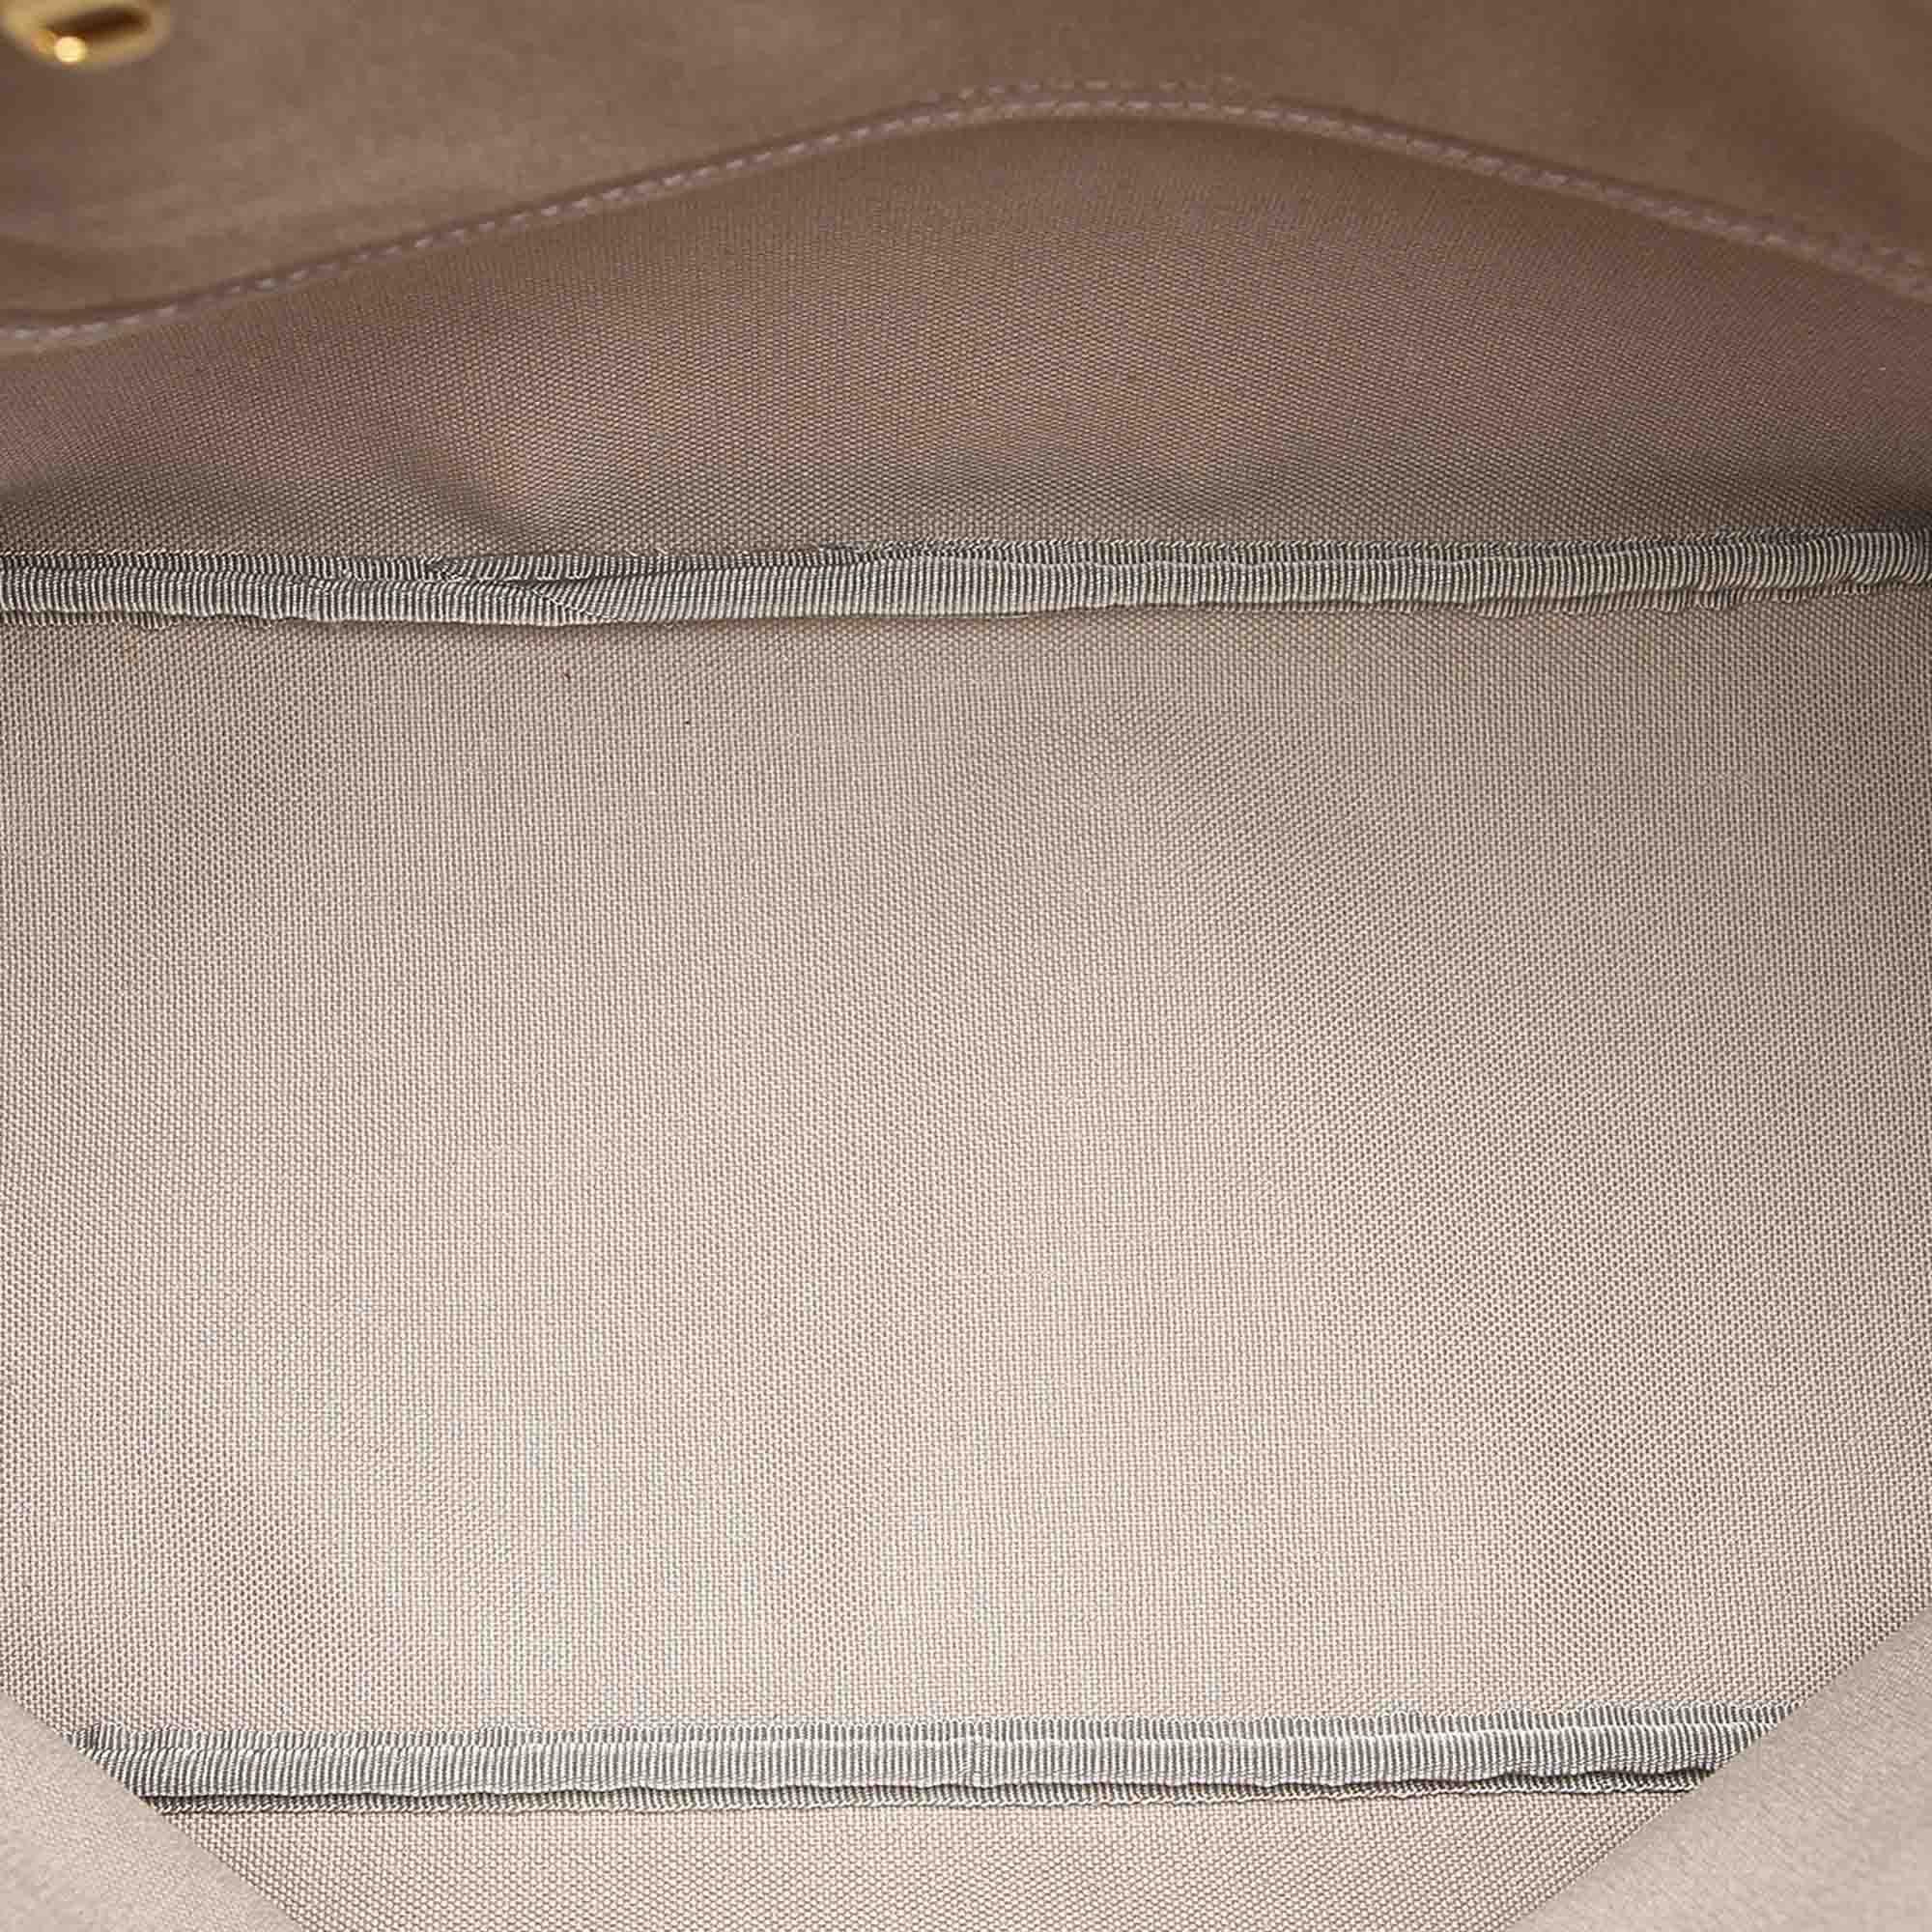 Vintage Loewe Printed Anagram Tote Bag Black